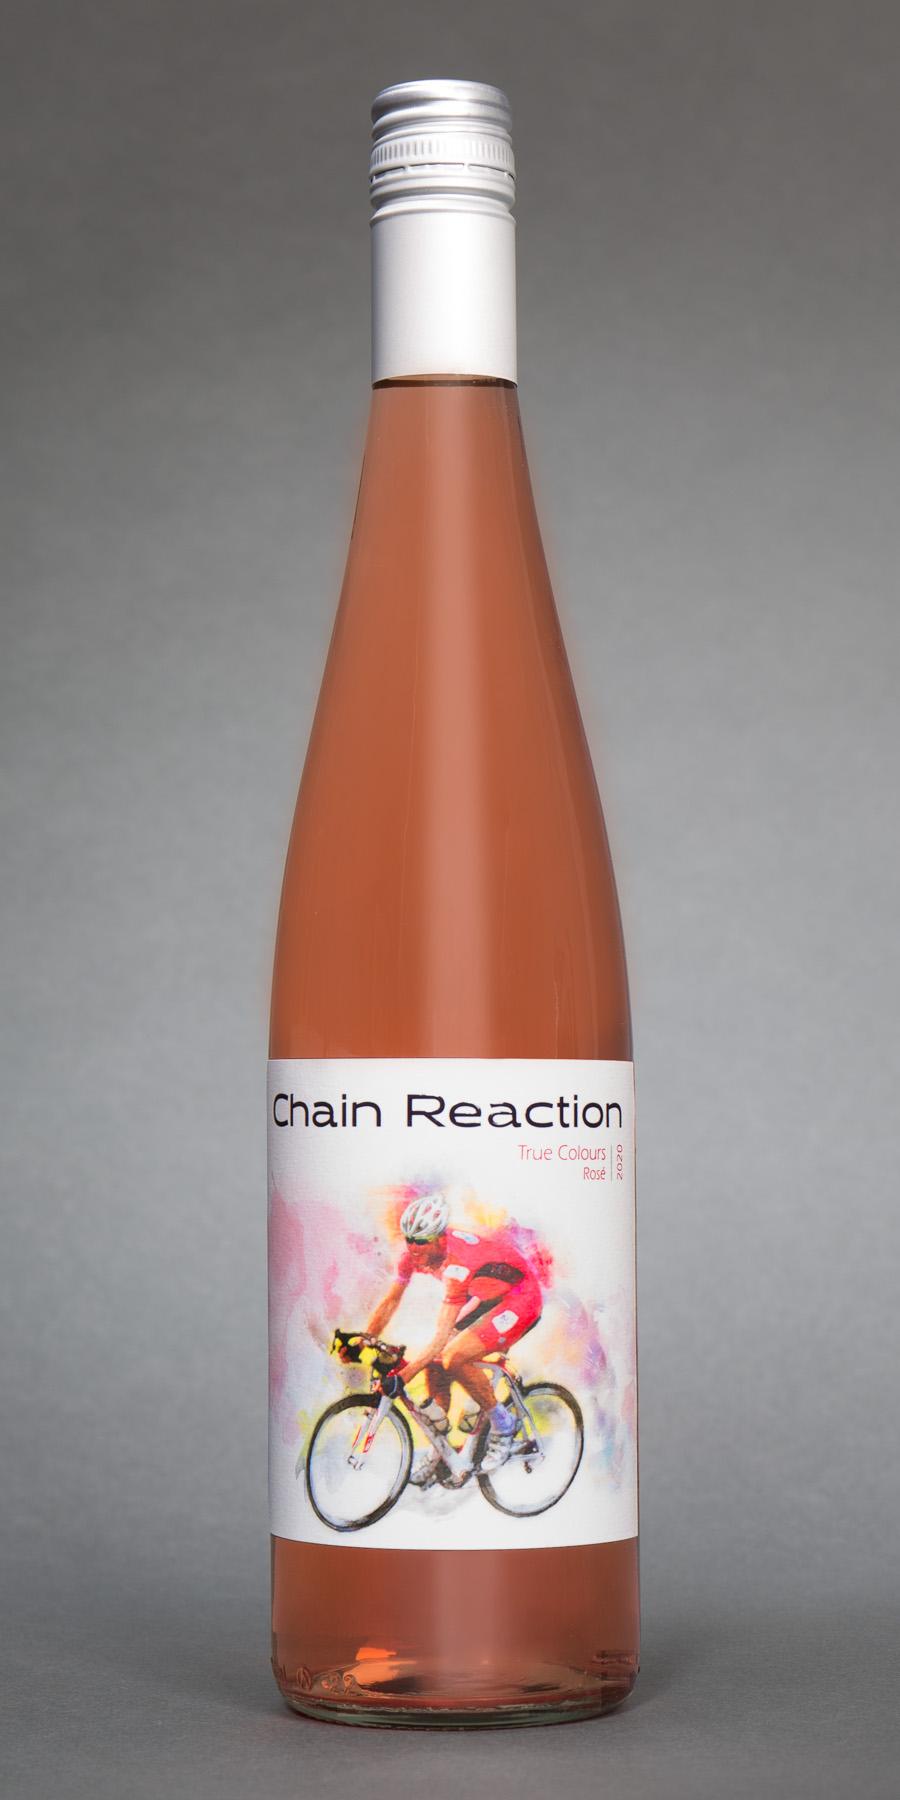 chain reaction rose bottle